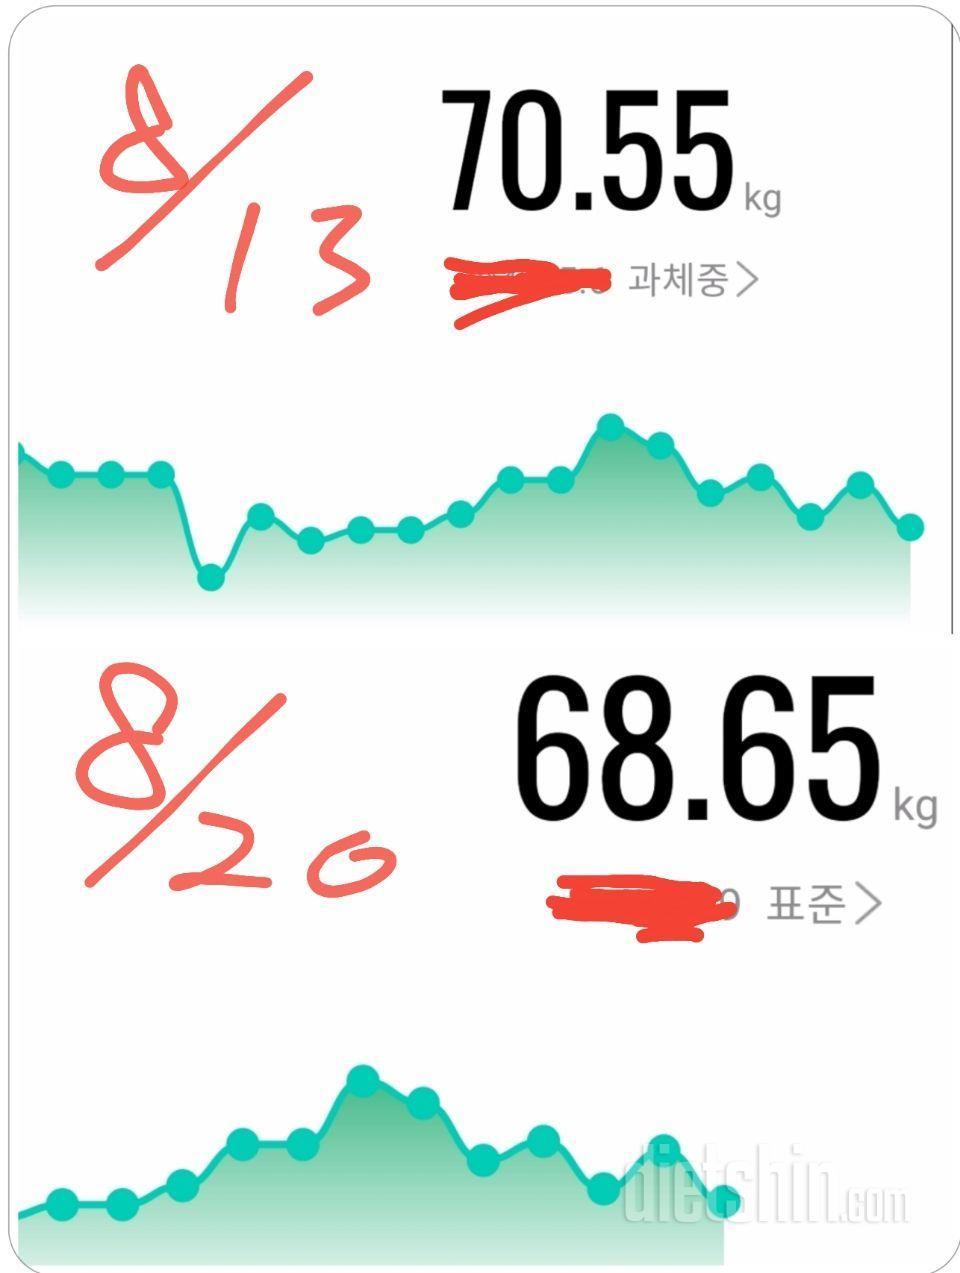 체중계 달고살기!!!(2)